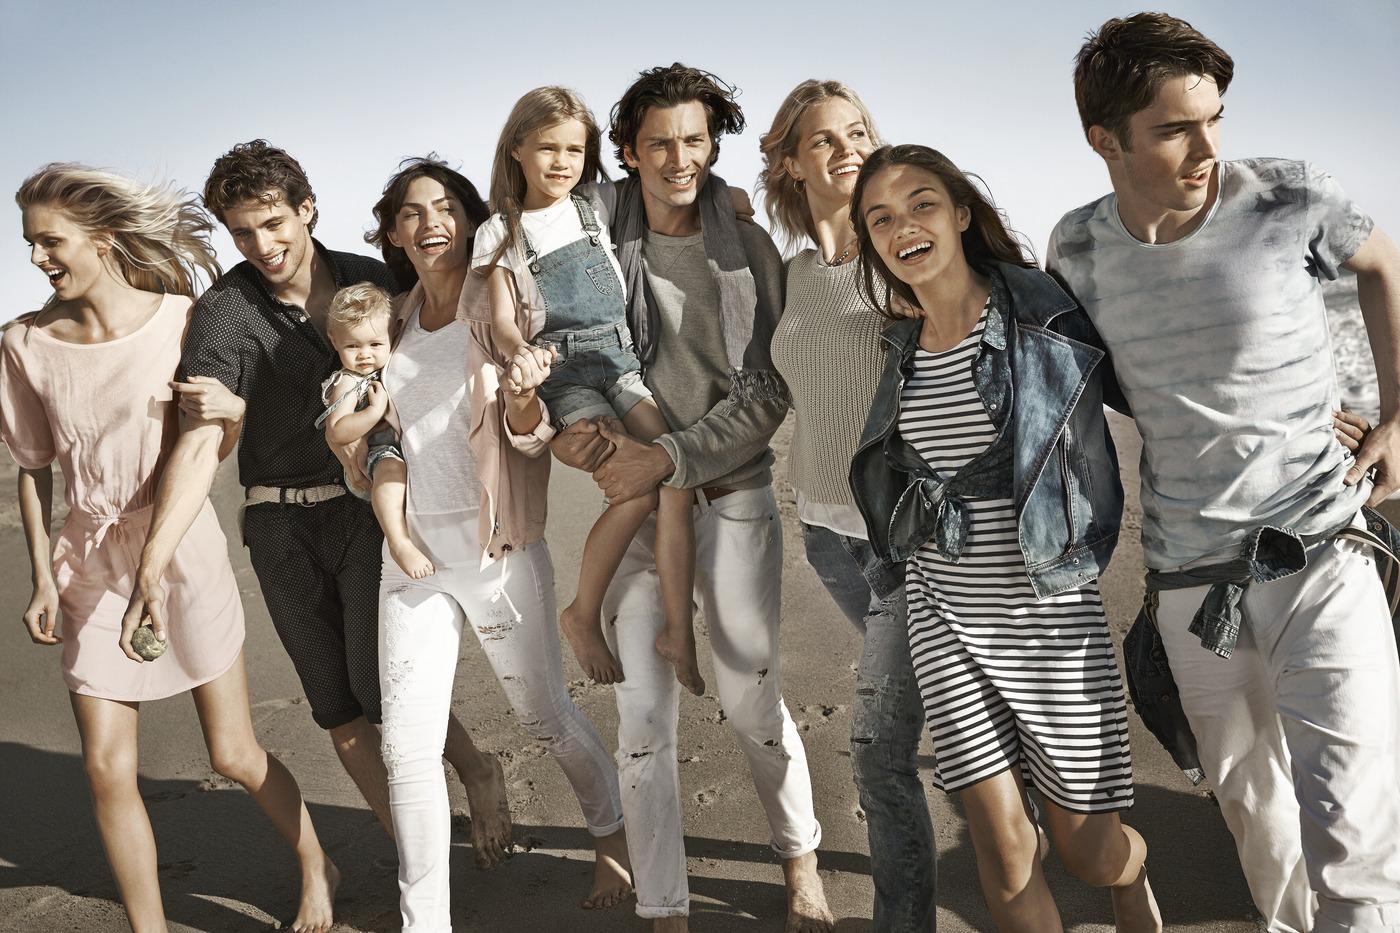 online store b553e e8674 S.OLIVER представляет первую рекламную кампанию в рамках ...